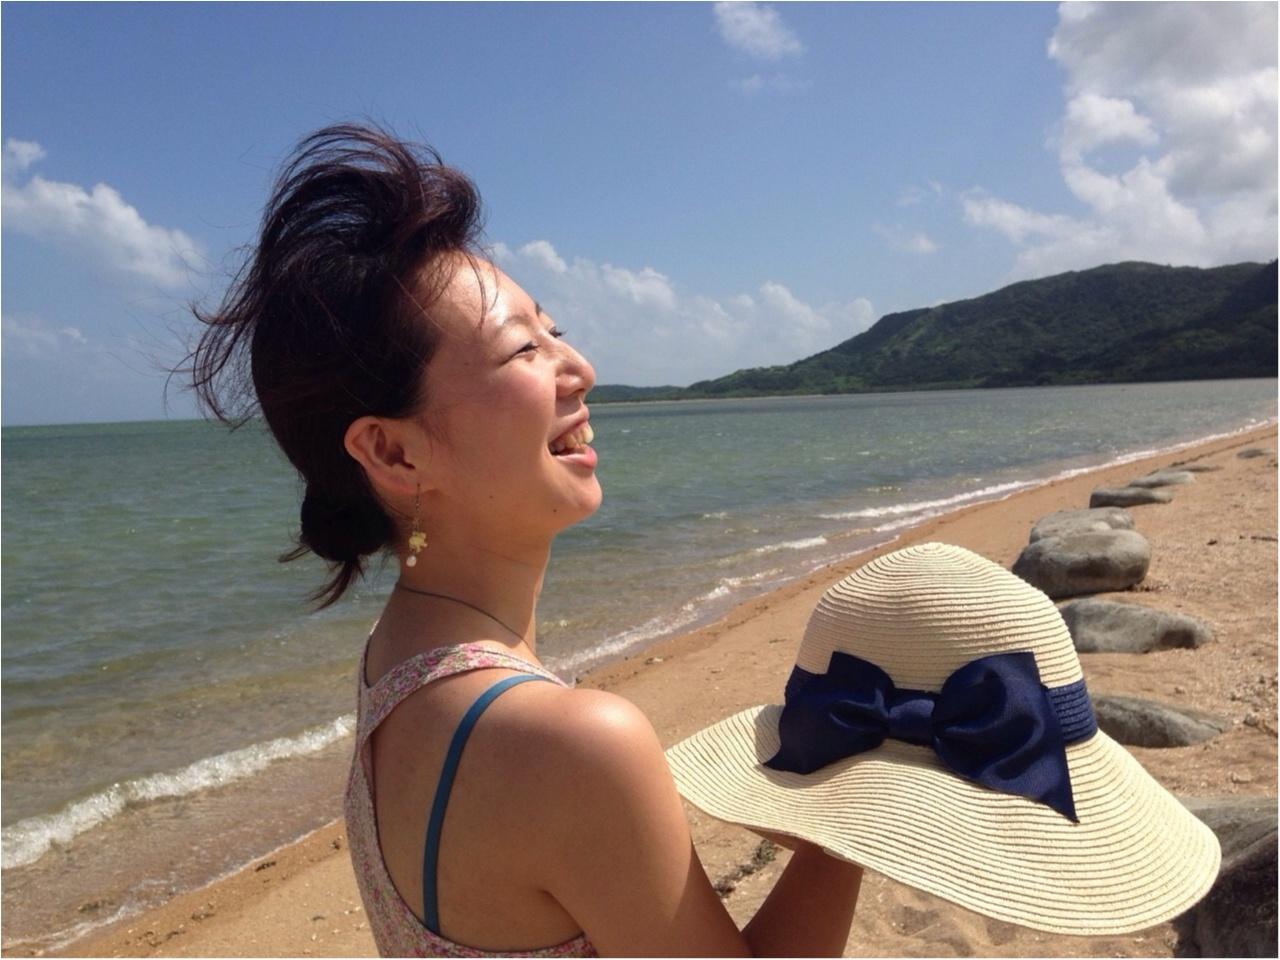 岸本セシルちゃんも行っていた沖縄離島❤️離島の魅力とは?!たっぷりお伝えします〜_20